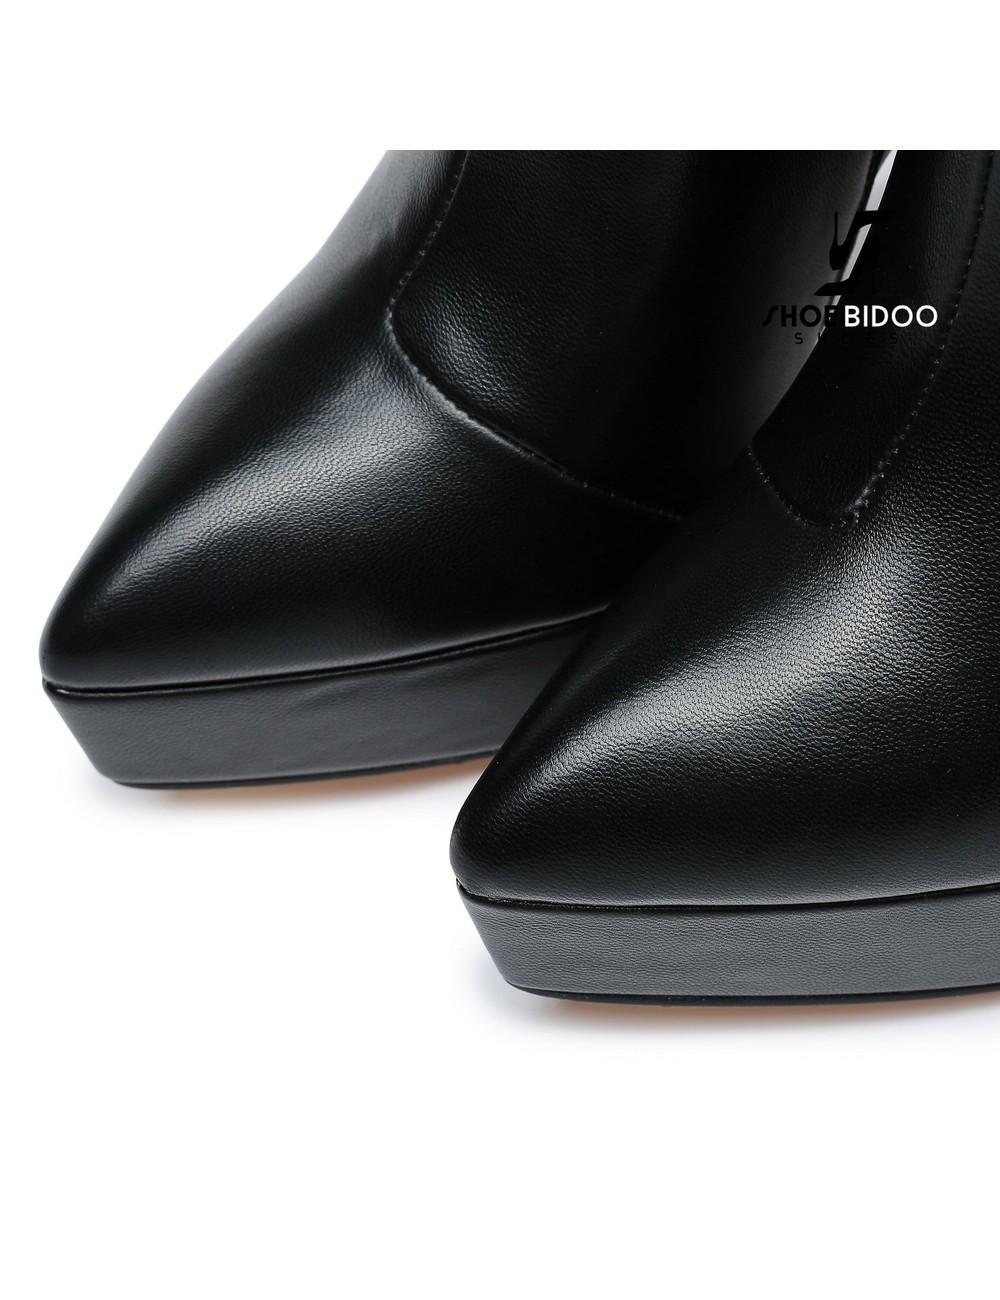 Giaro Giaro Platform enkellaars STACK in zwart